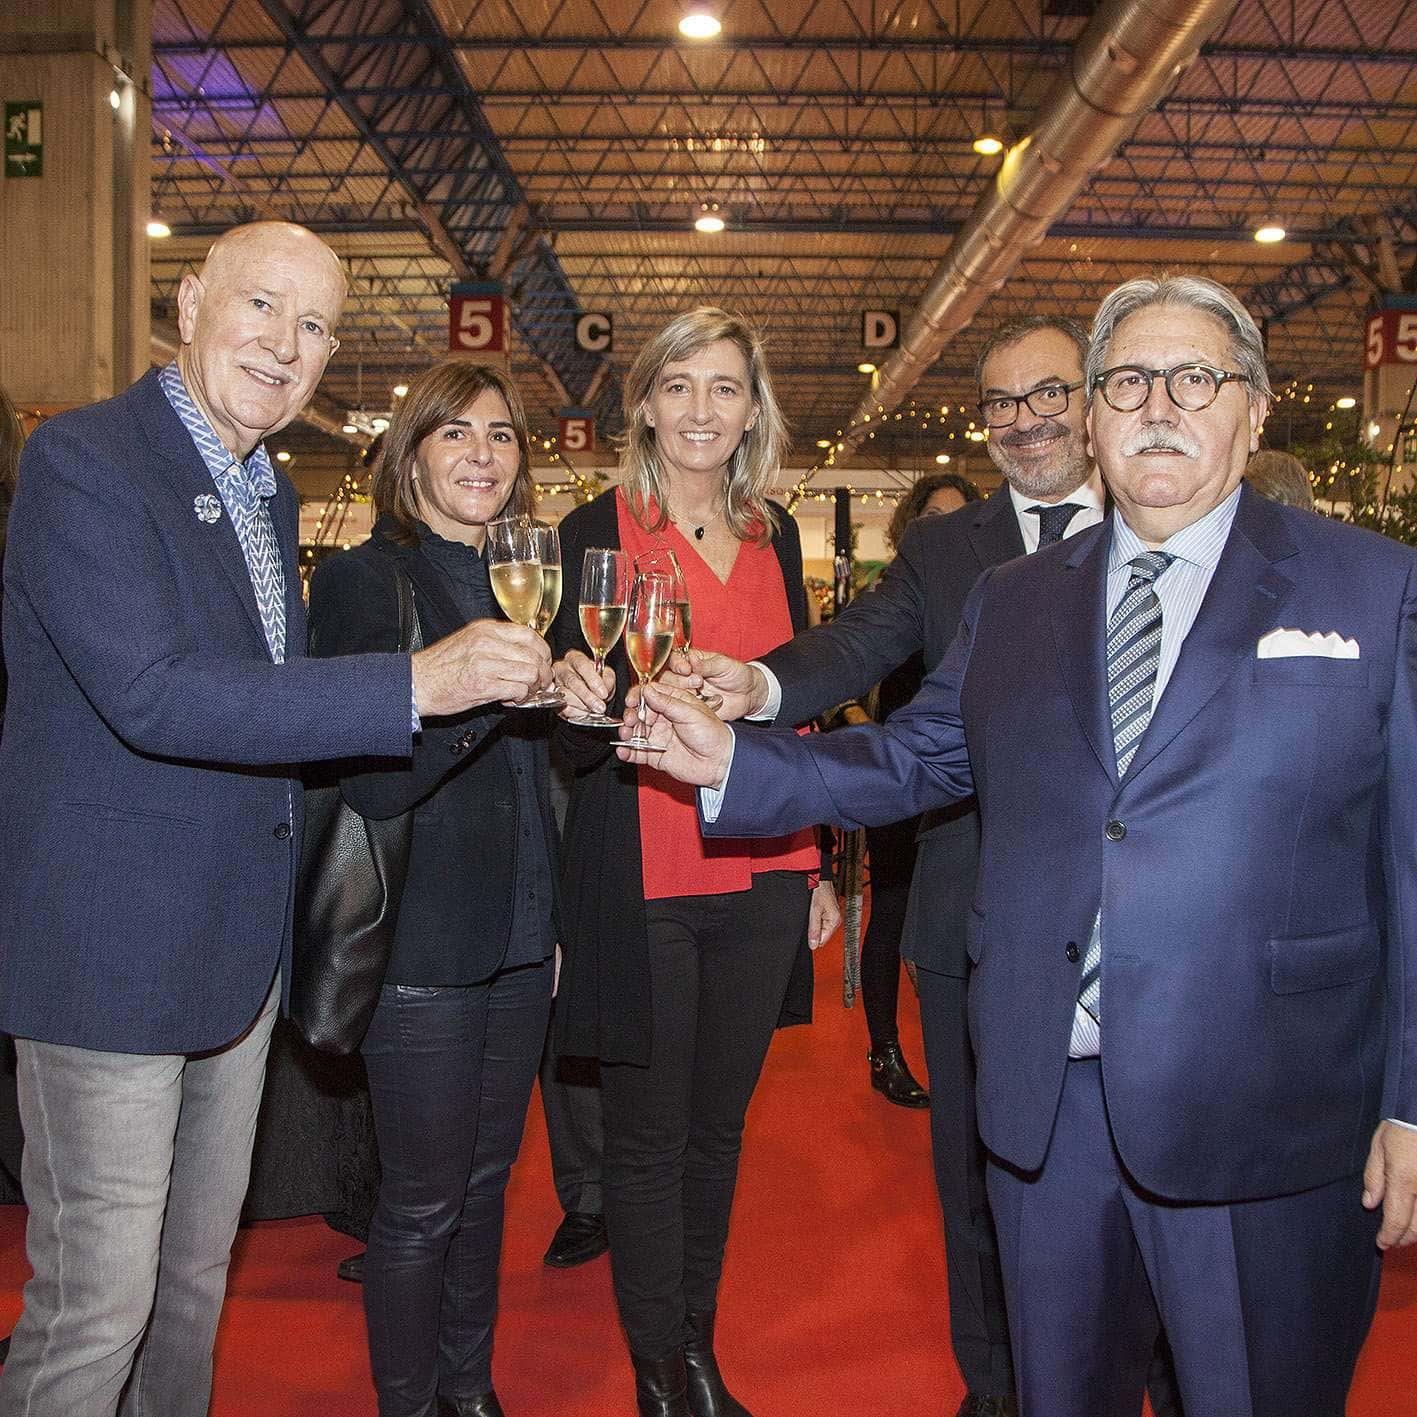 Feria novios reconocimiento Nulpzial Zaragoza